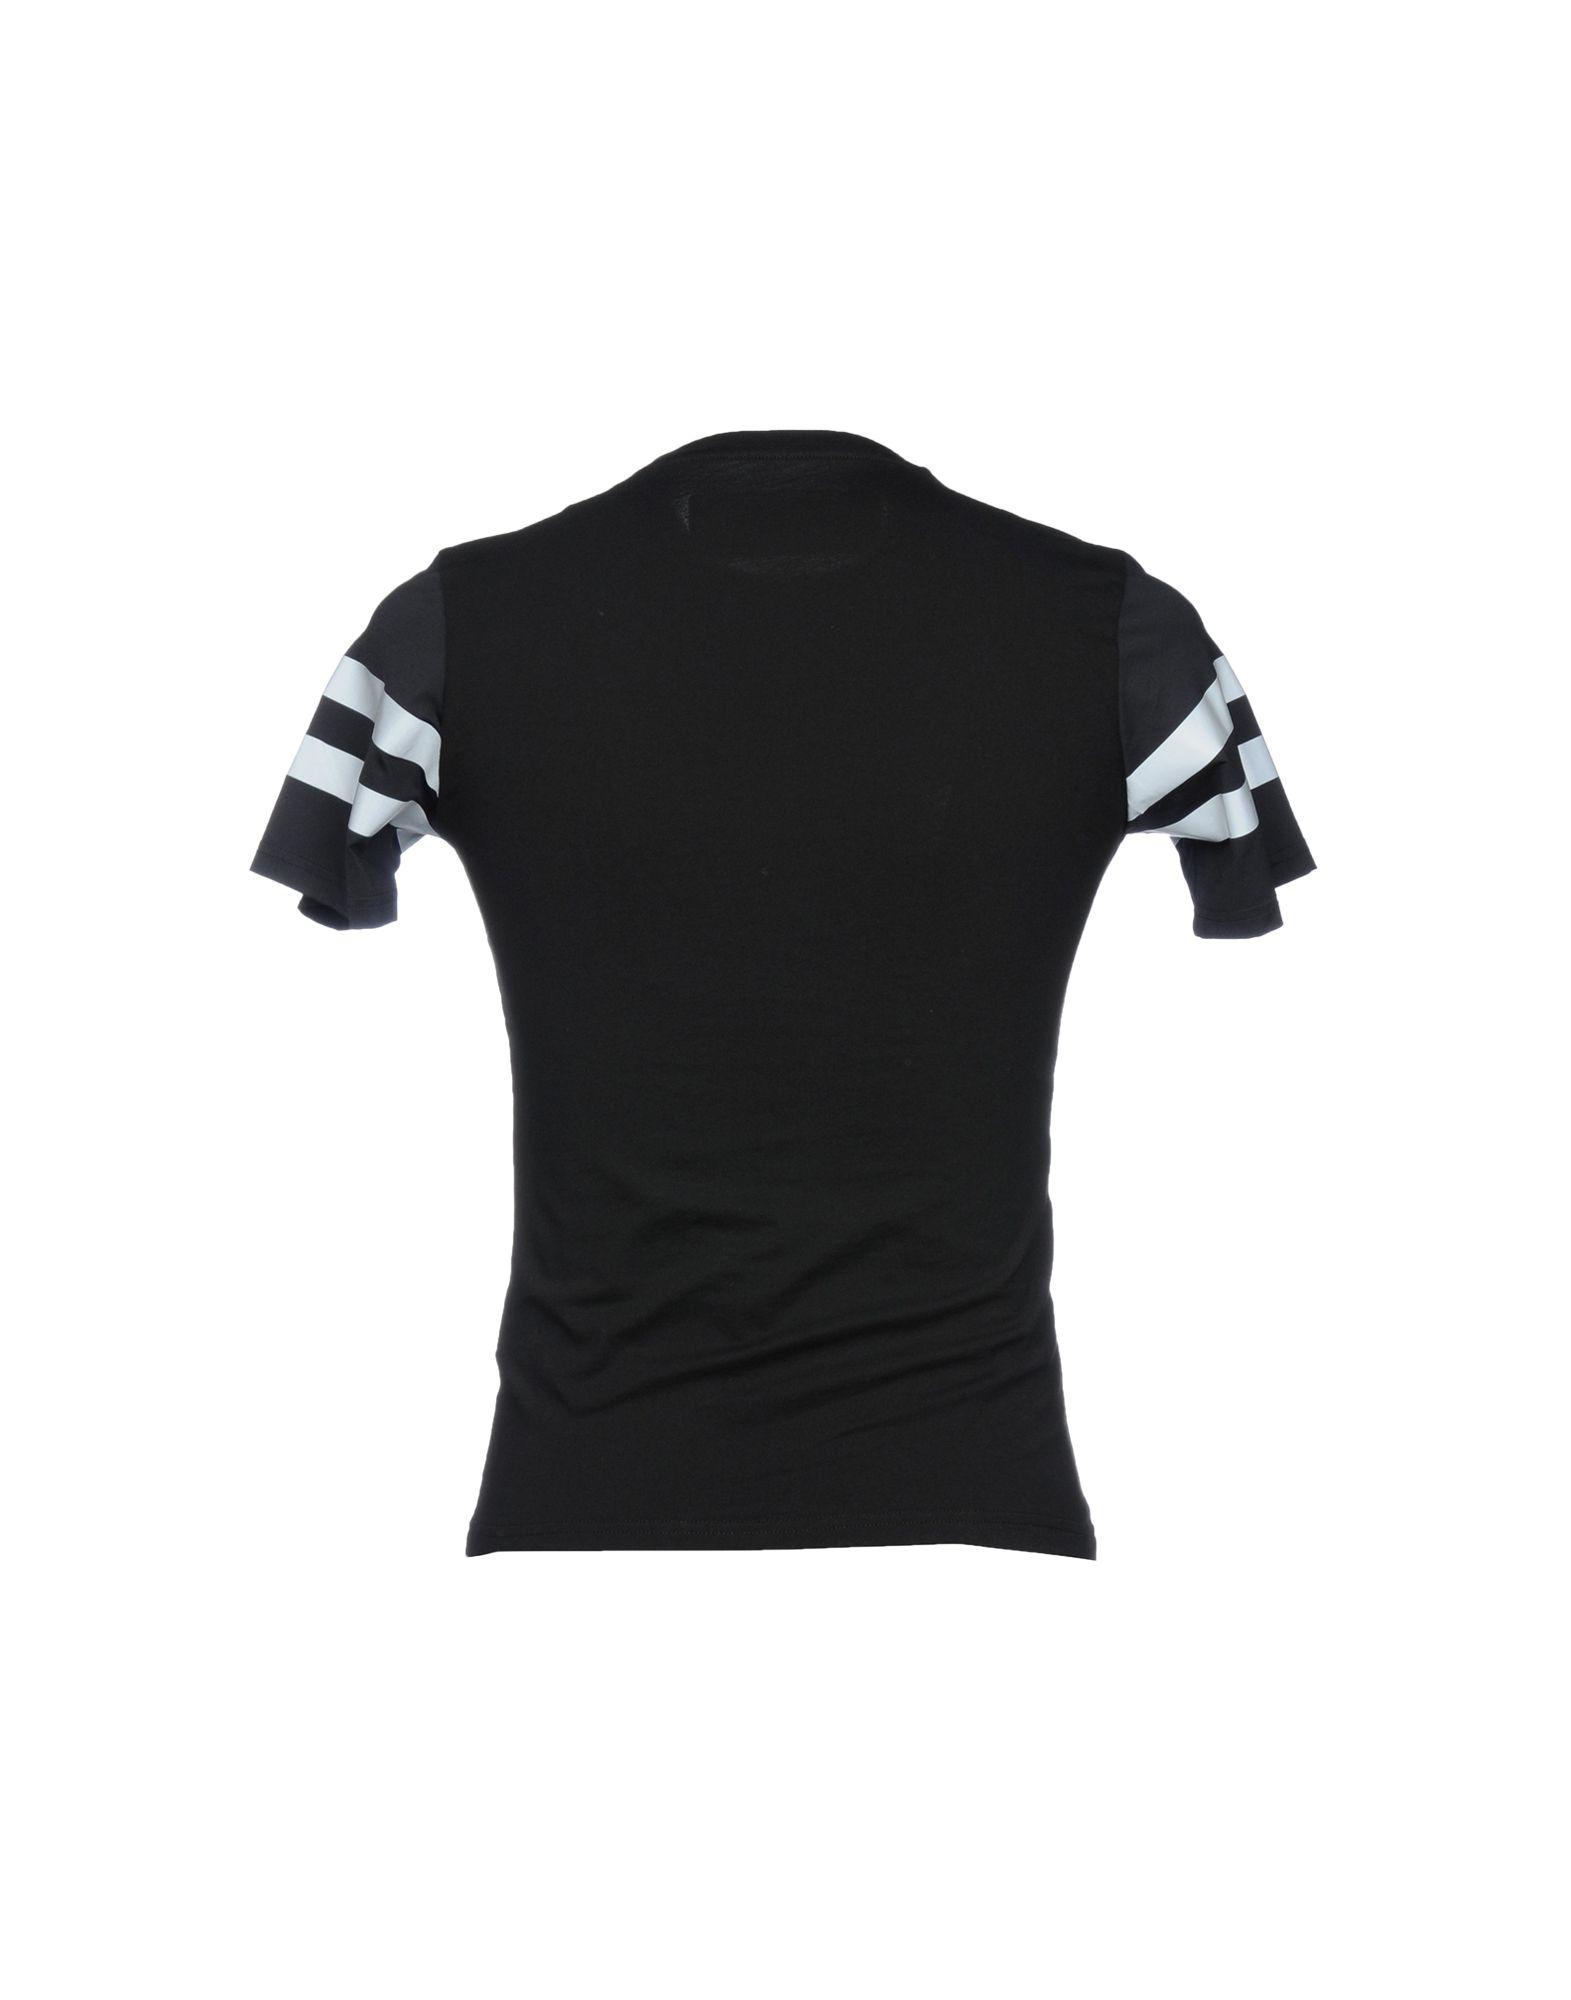 A buon T-Shirt mercato A buon mercato T-Shirt buon Hydrogen Uomo - 12136019SM 5faf1e